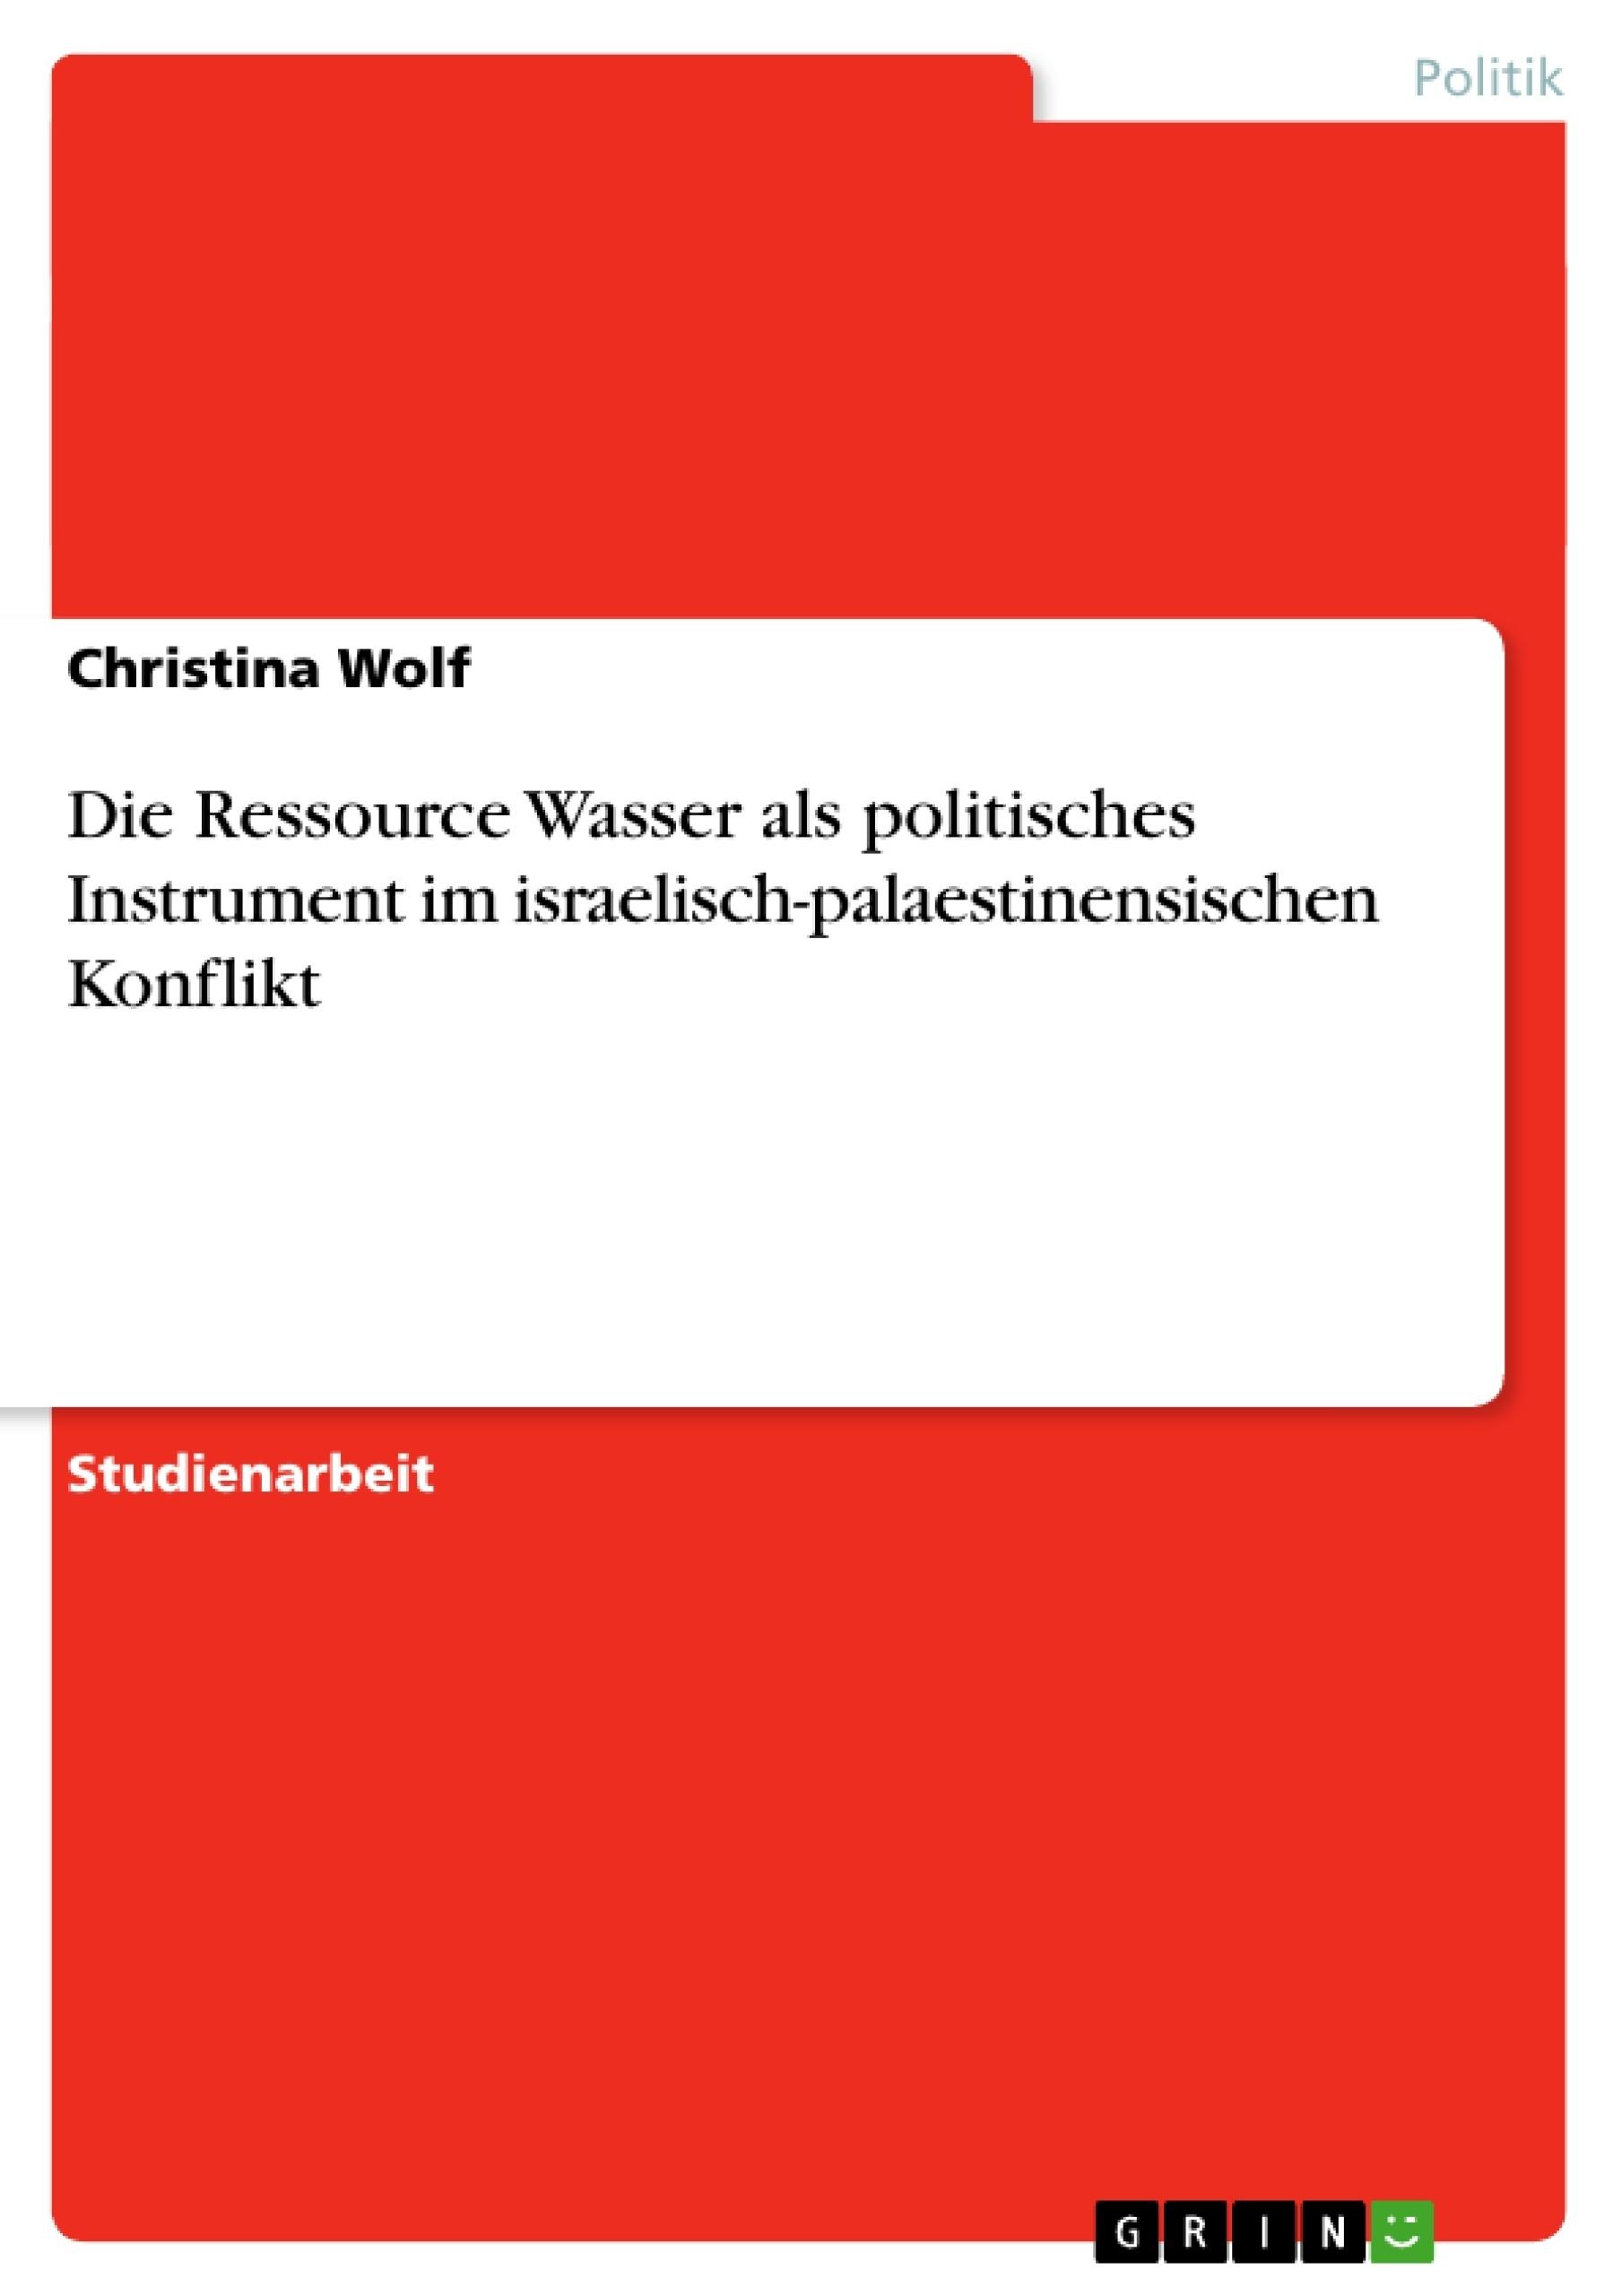 Titel: Die Ressource Wasser als politisches Instrument im israelisch-palaestinensischen Konflikt